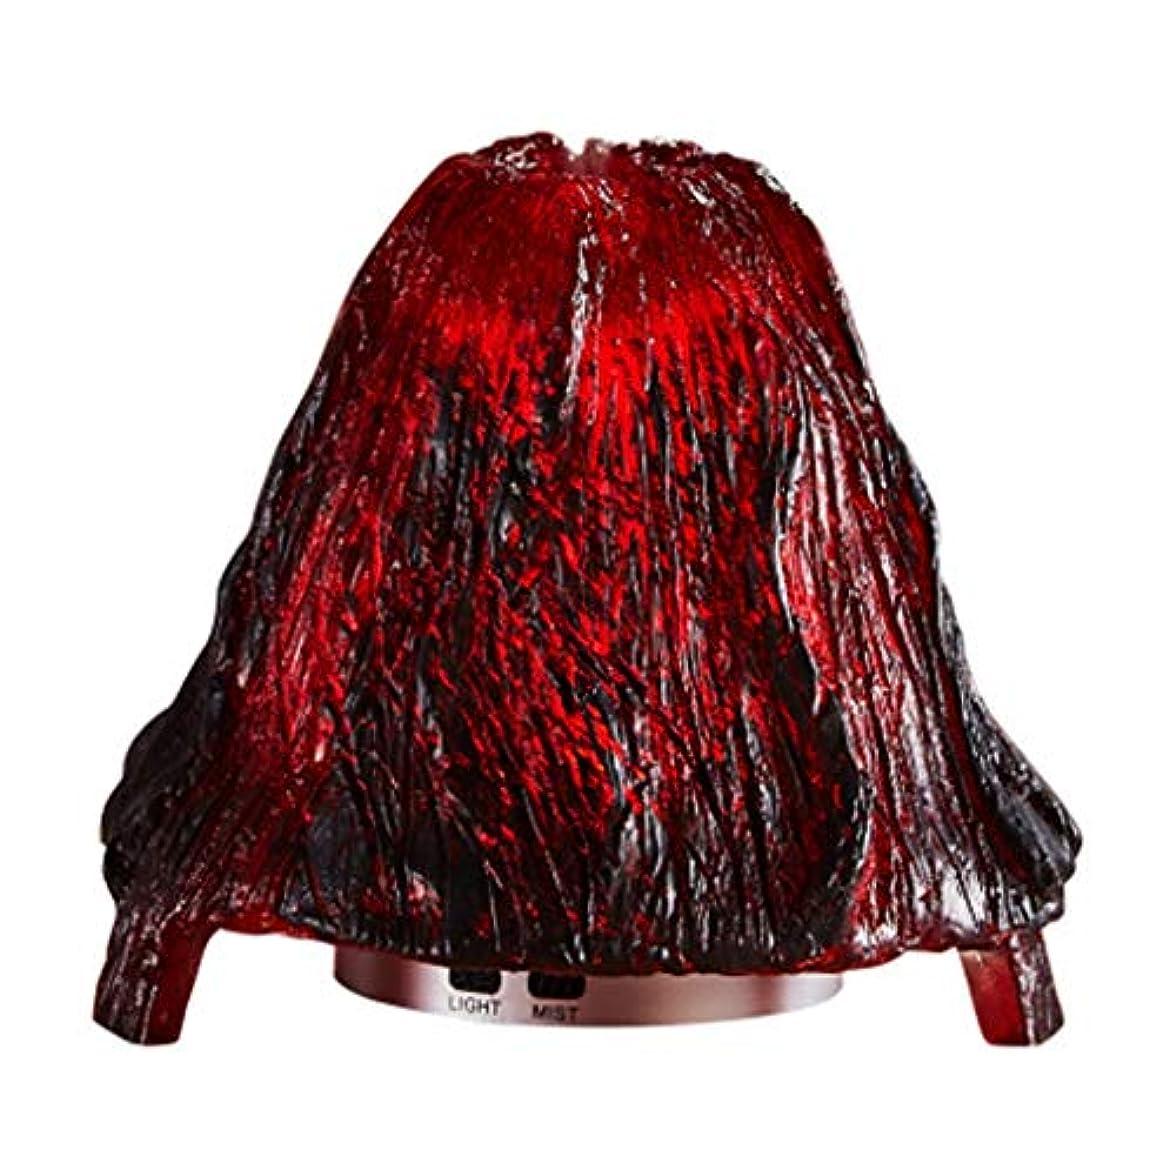 クールミスト加湿器ミスト100mlディフューザーディフューザー7色LEDライト/ウォーターレス自動シャットダウン(火山) (Color : Red)